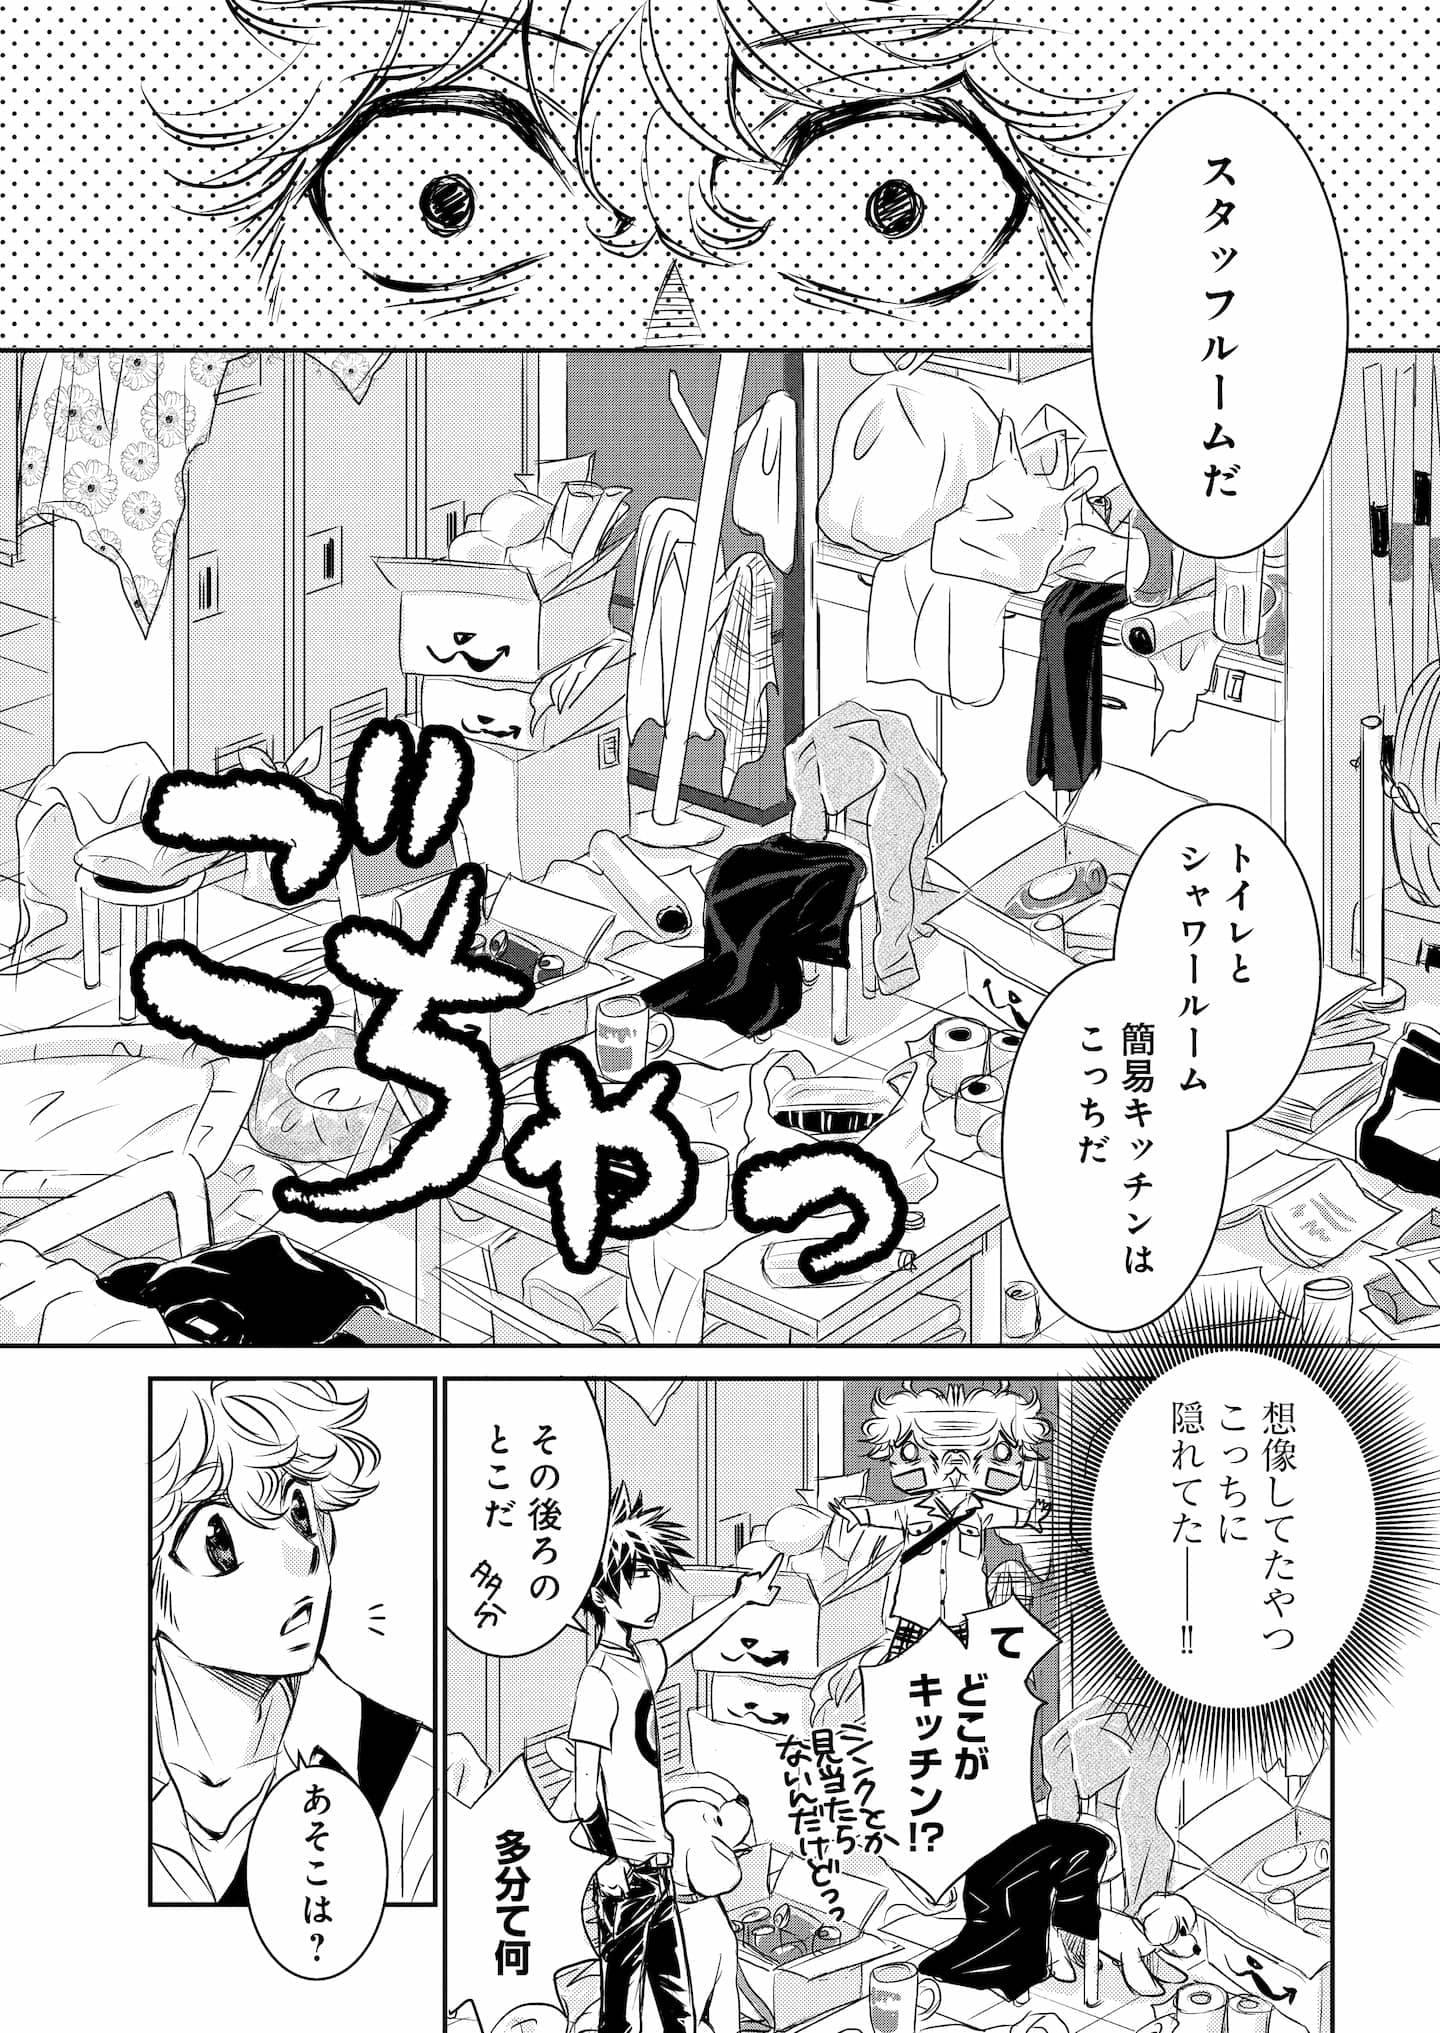 『DOG SIGNAL』3話目① 6ページ目